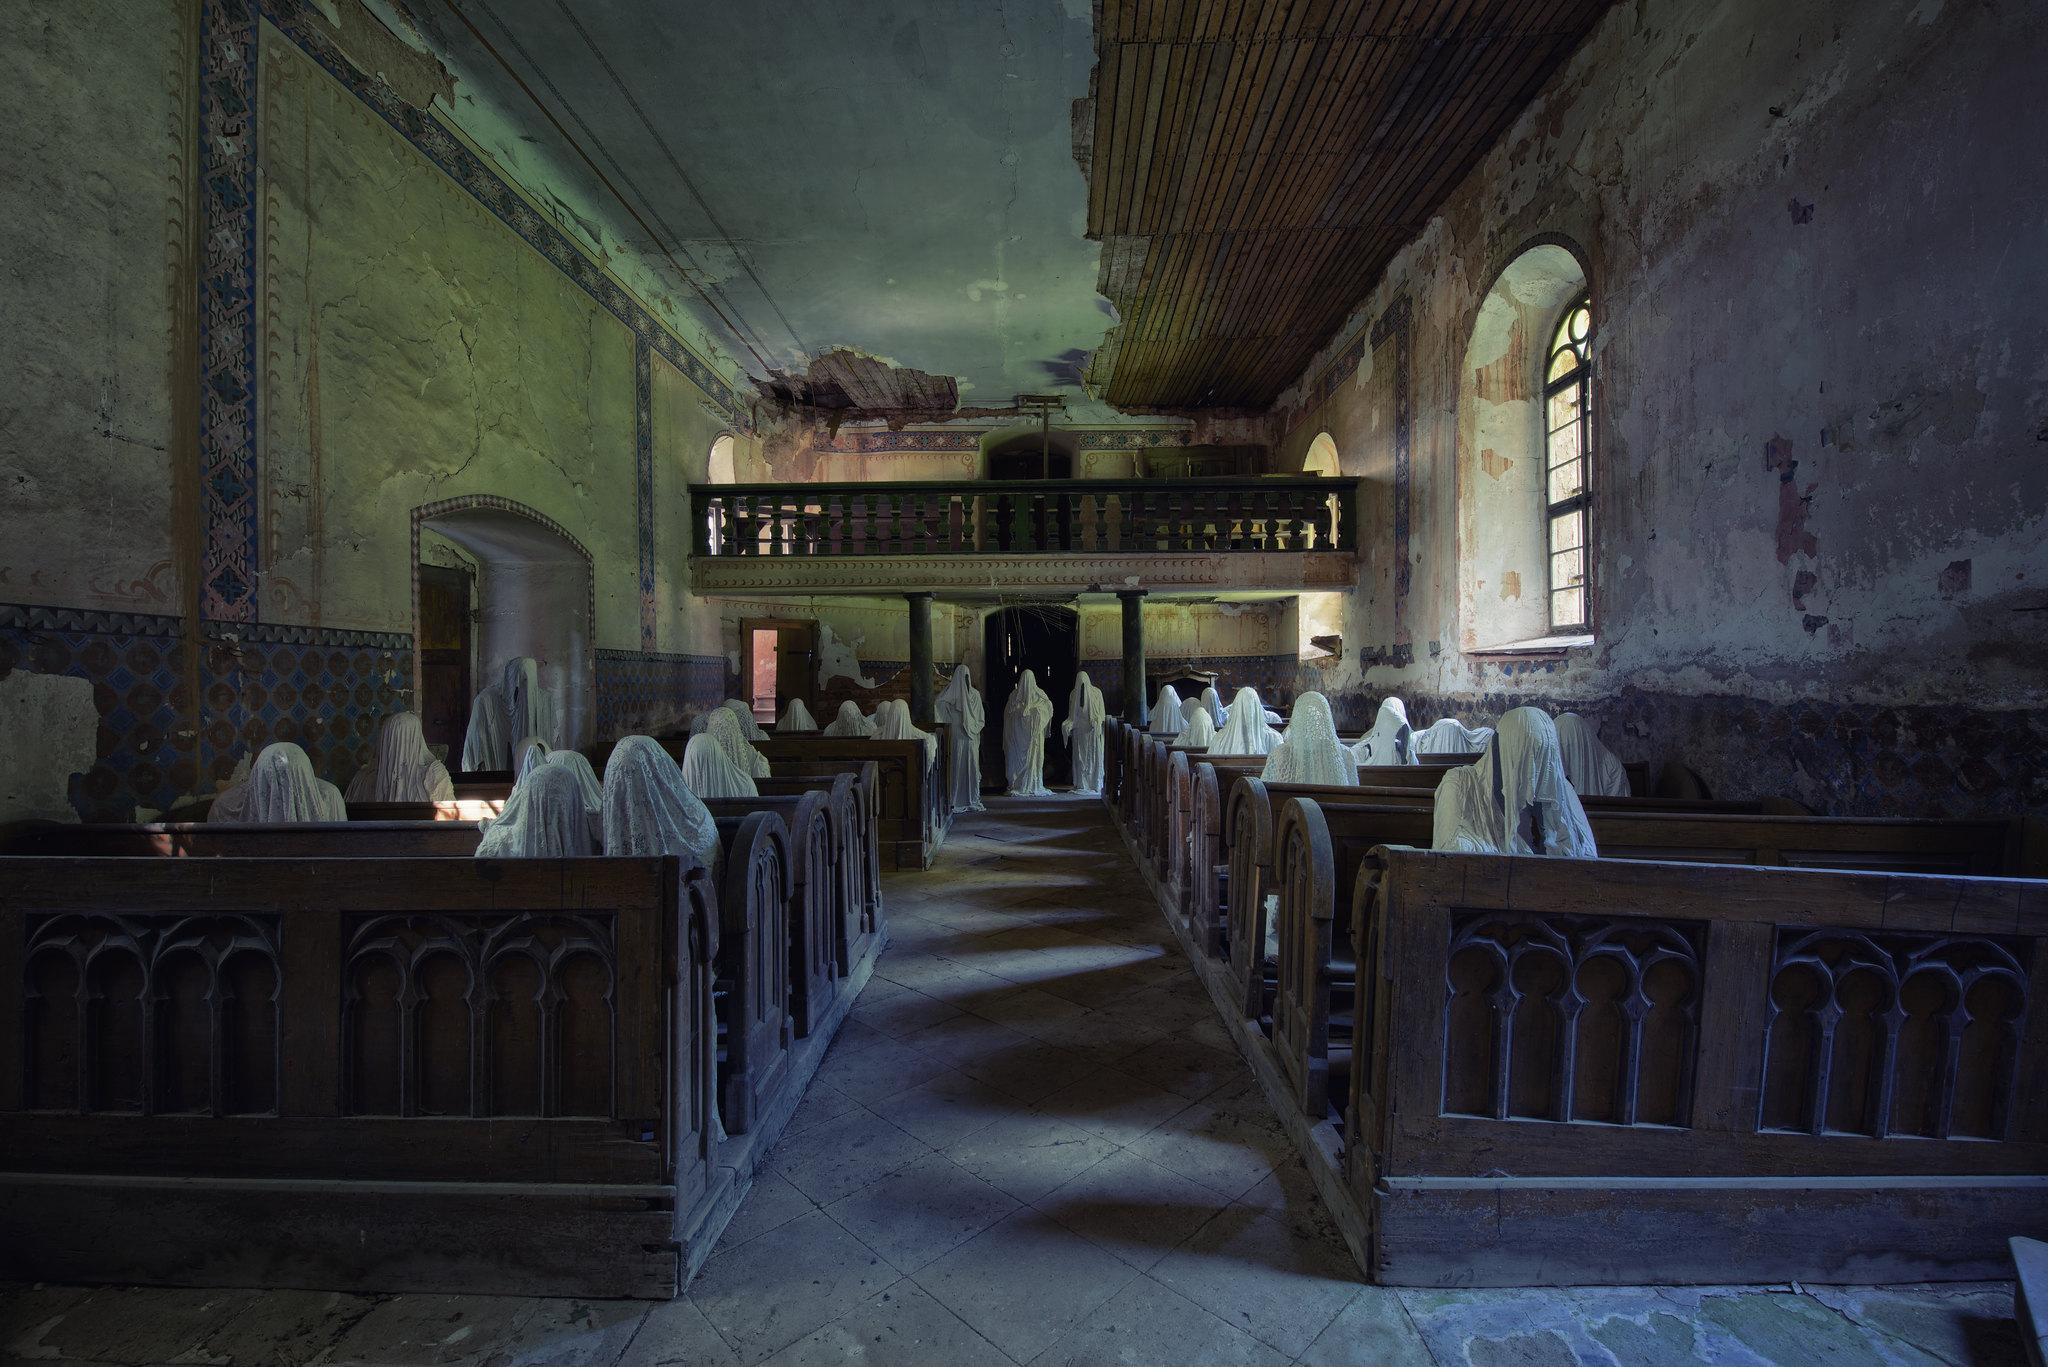 church of ghost, Czech Republic